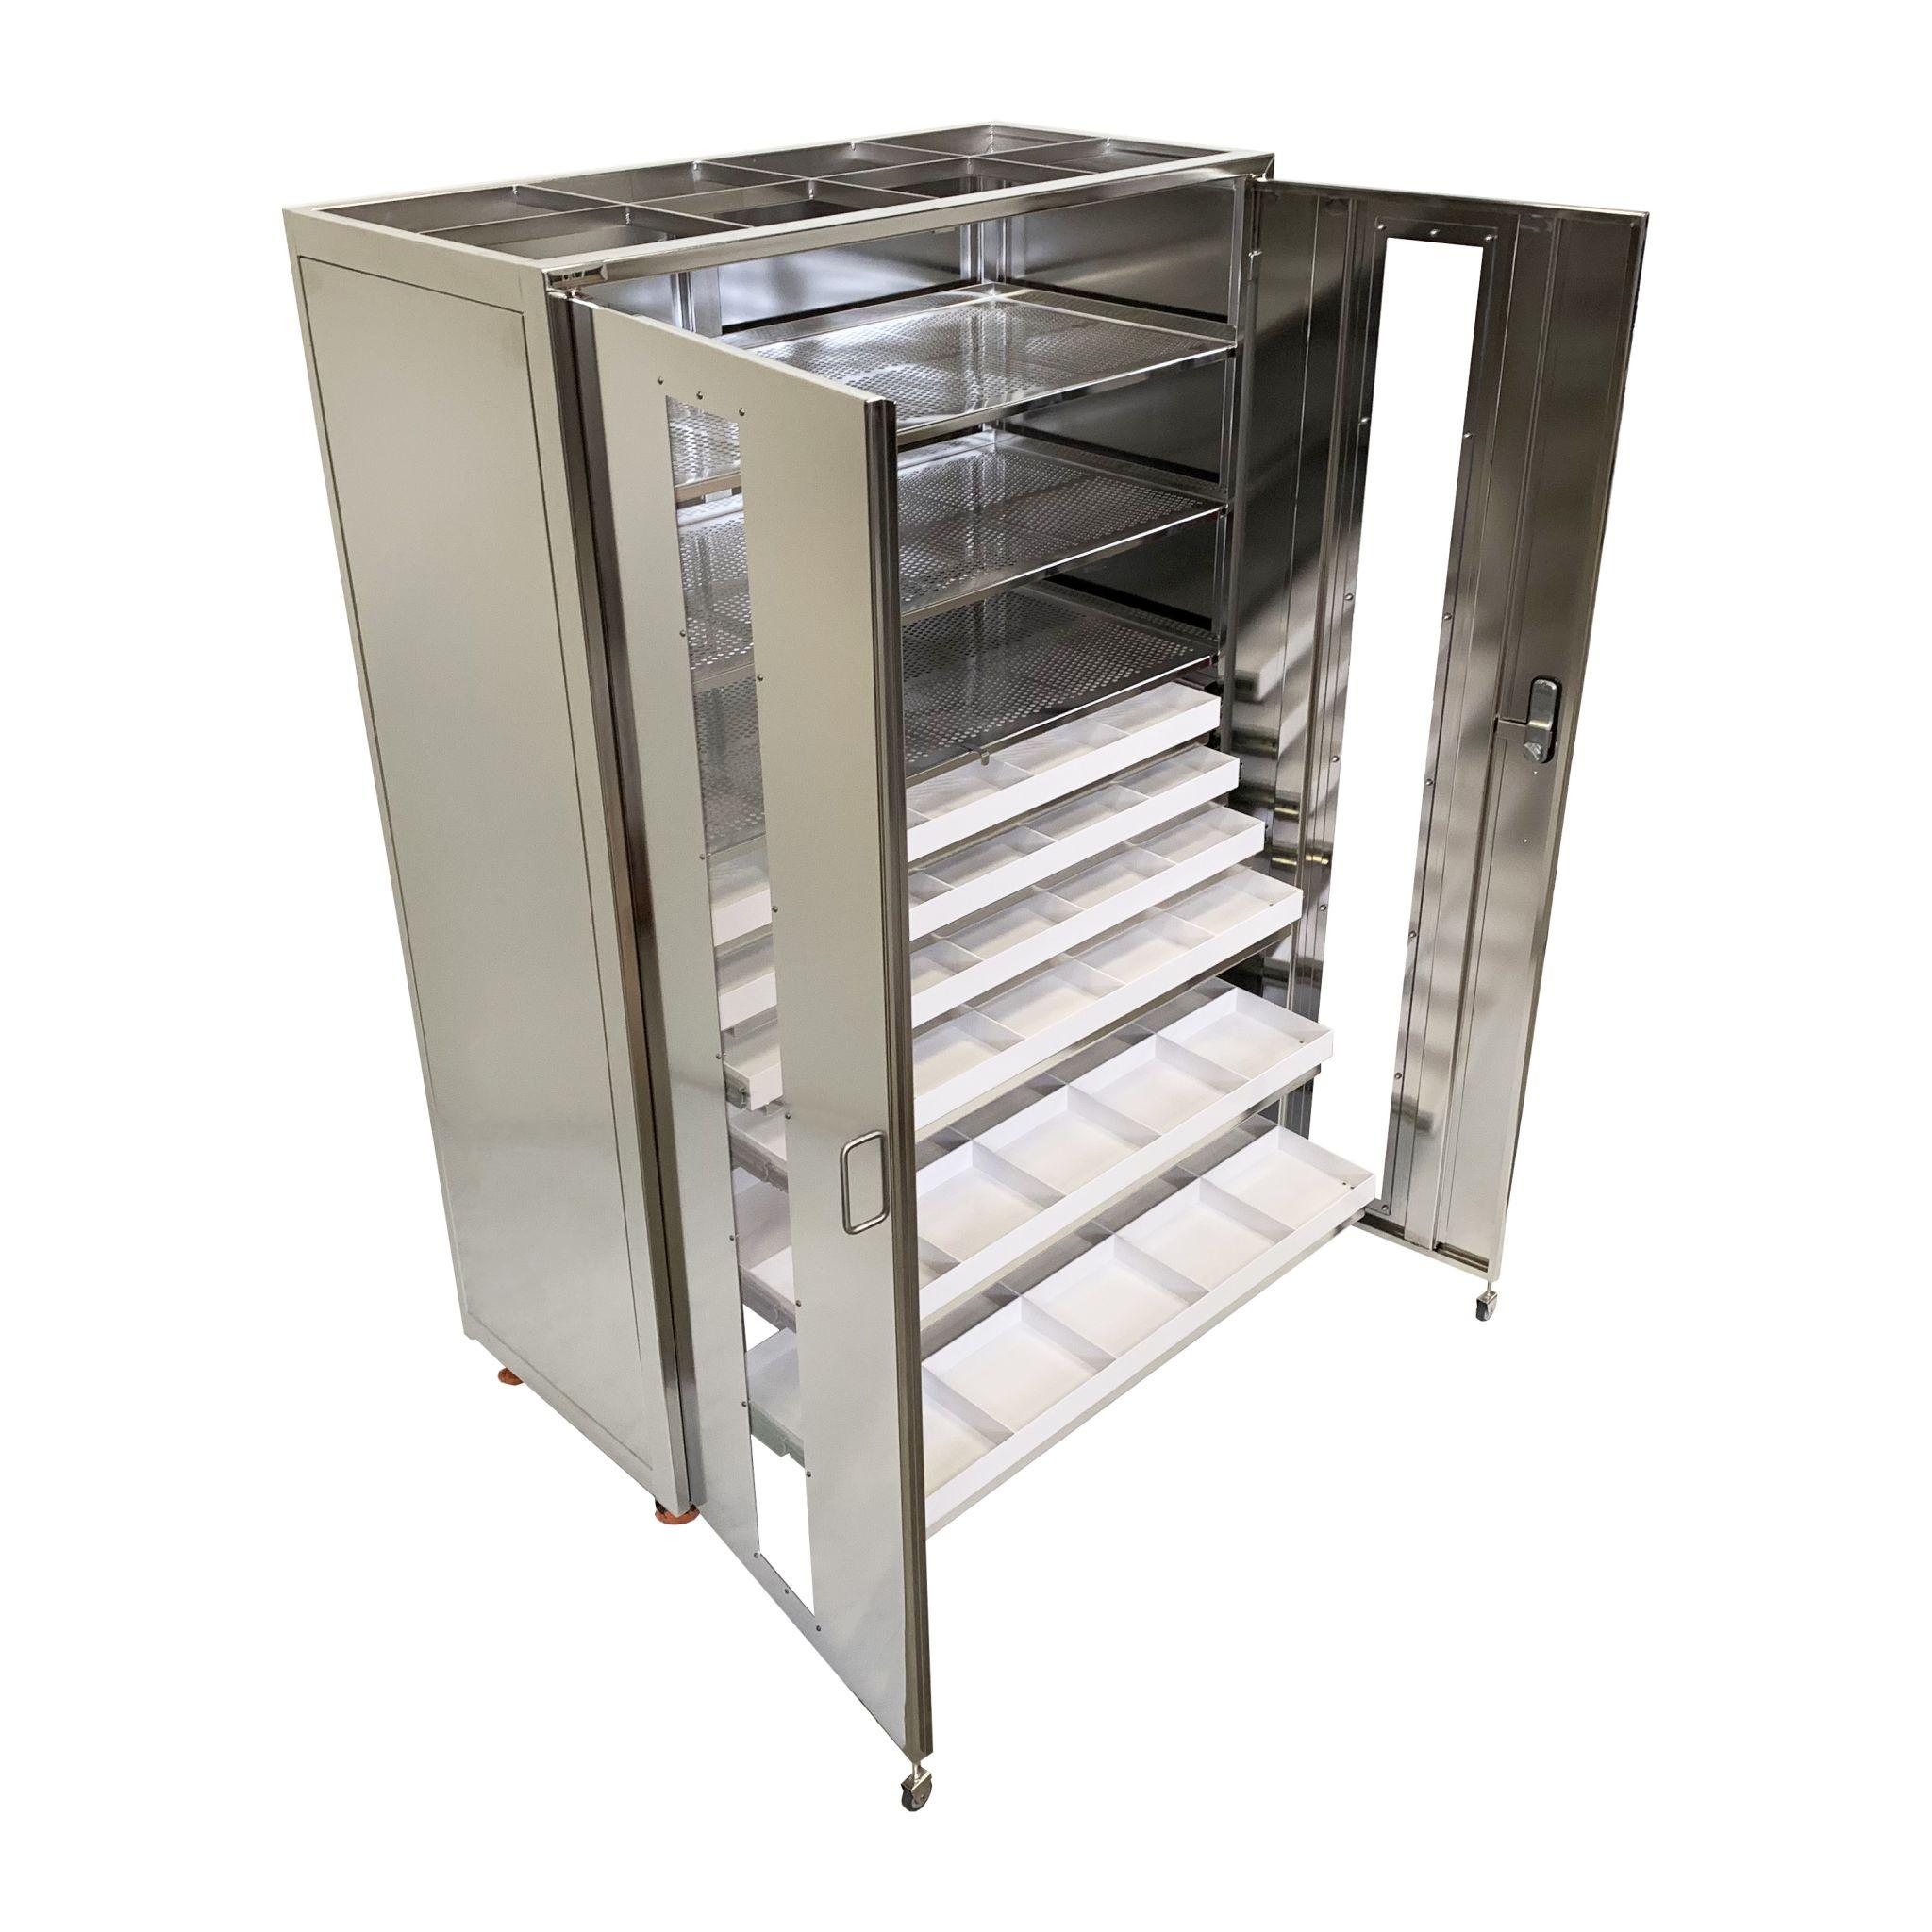 Armoire prééquipée, pour le raccordement sous flux laminaire en salle blanche, de tiroirs coulissants avec compartiments de rangement en PEHD et ASTL